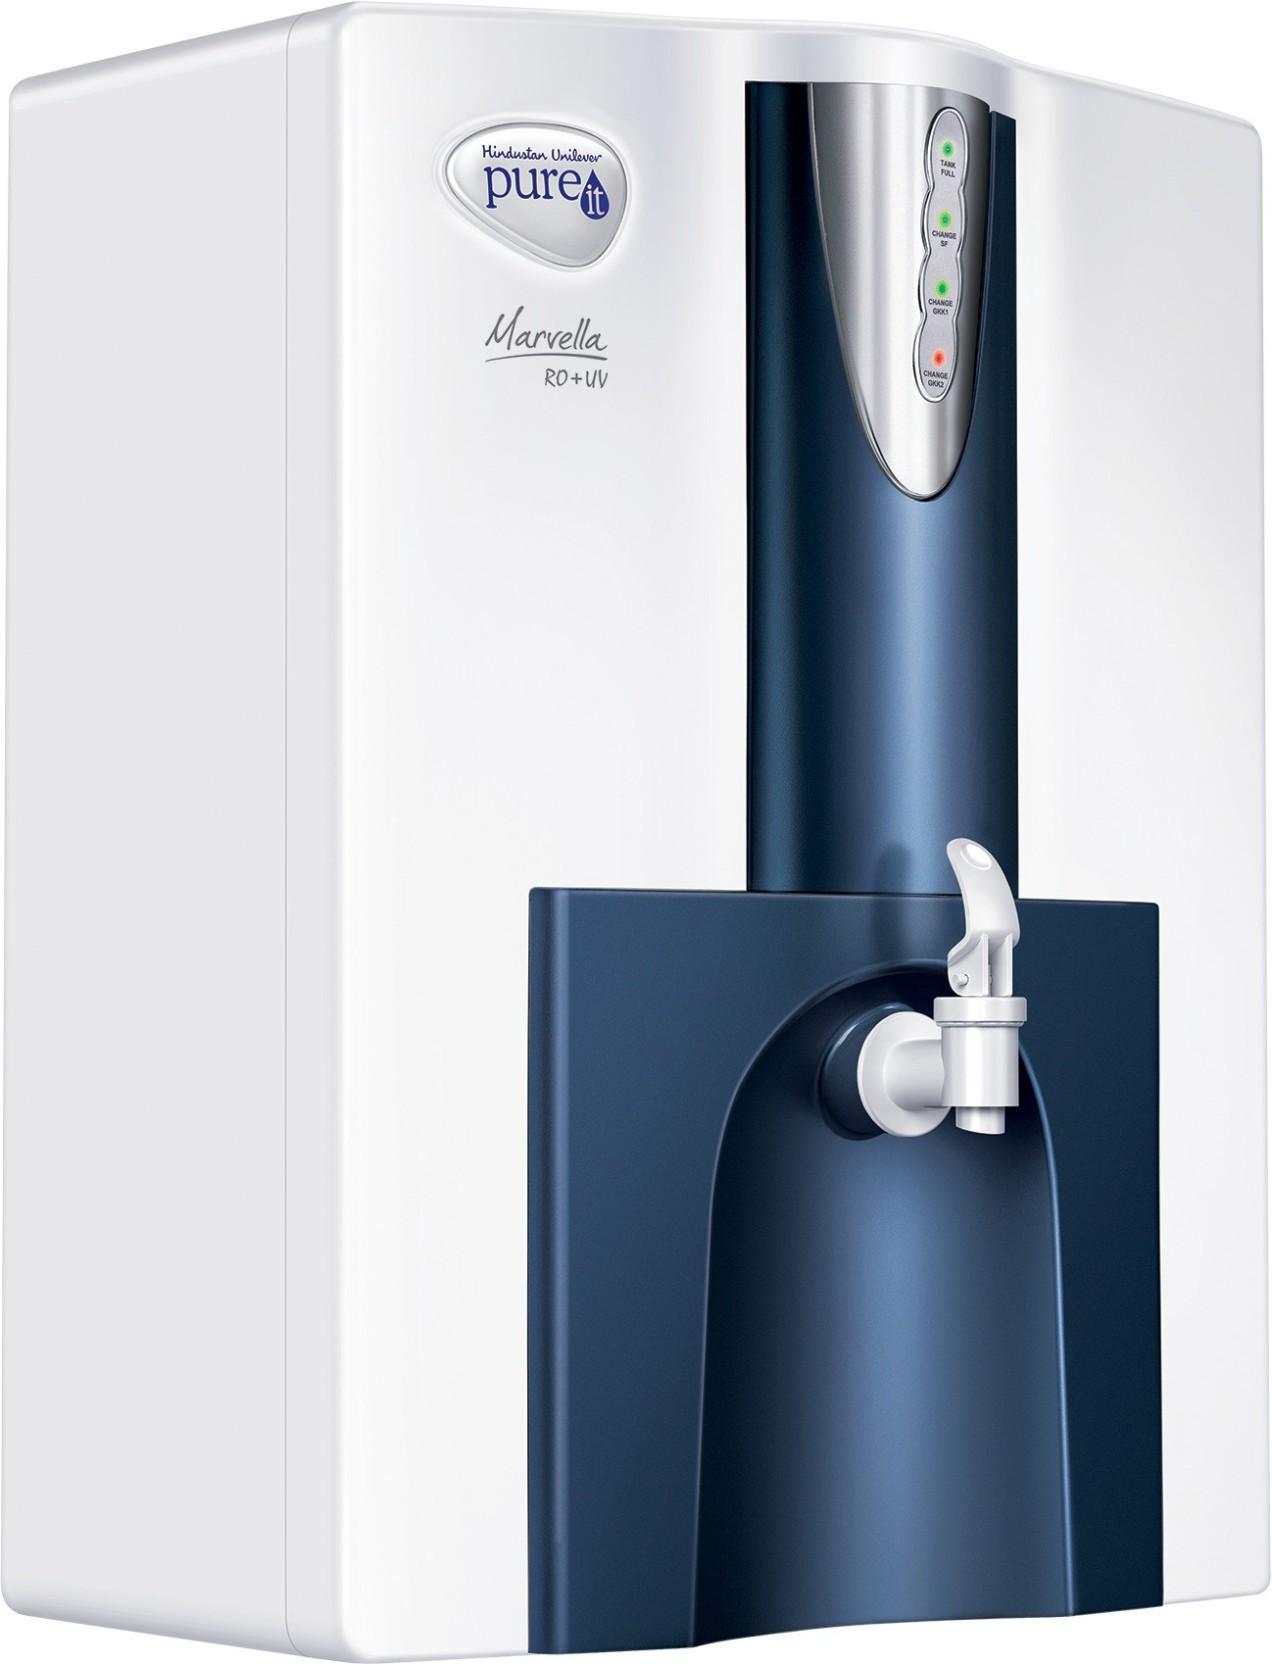 Pureit Marvella 10 L Ro Uv Water Purifier Pureit